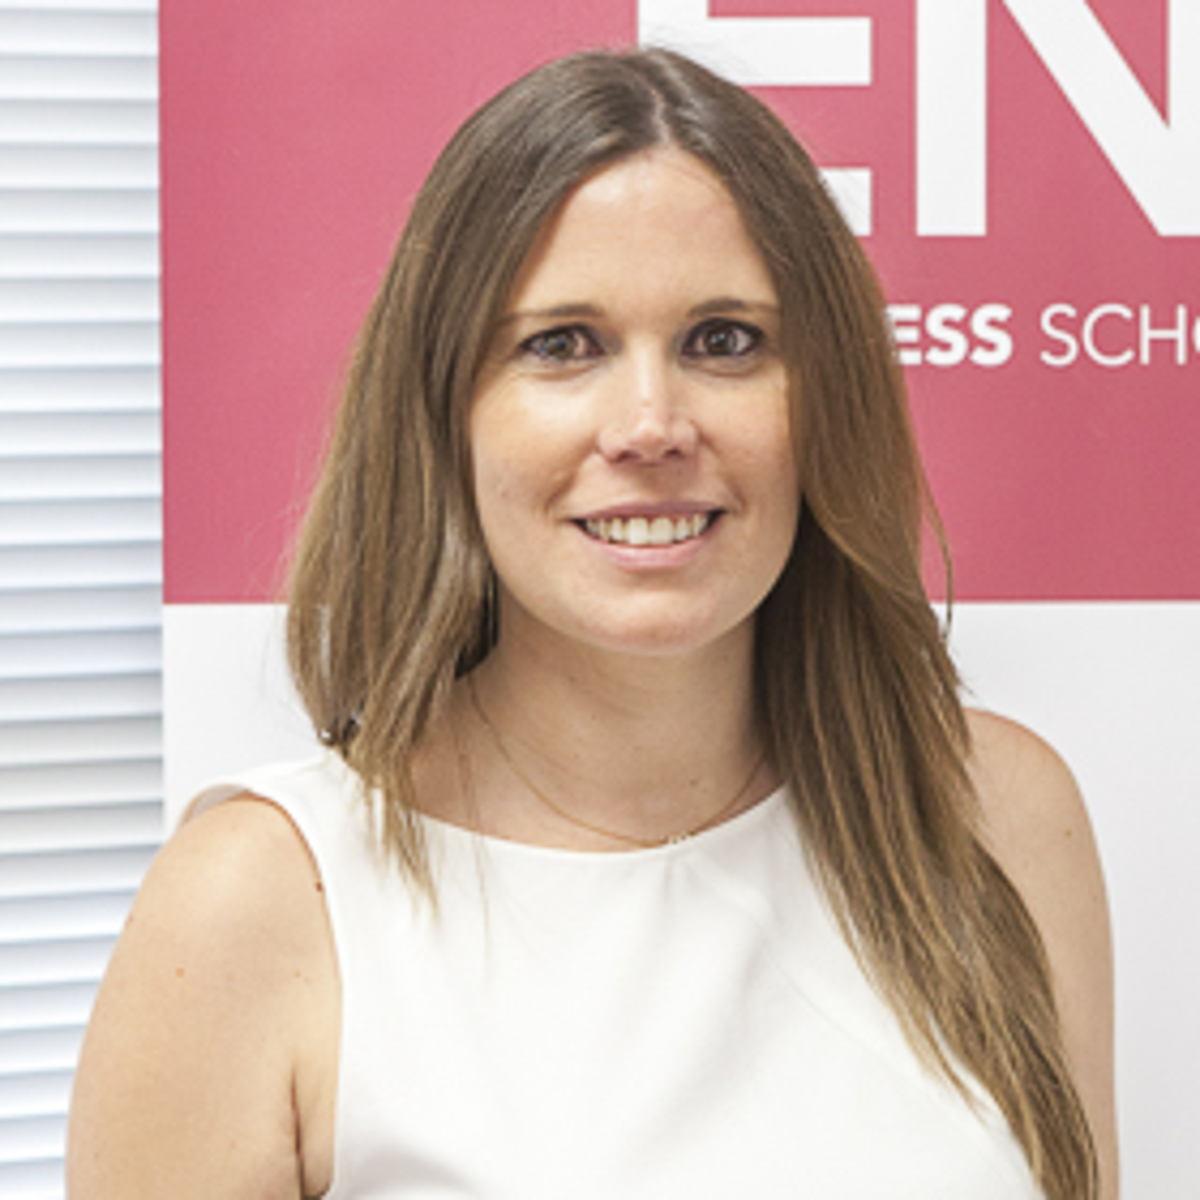 Arantxa Moreno Sánchez - Máster en Dirección de Personas y Gestión de Recursos Humanos